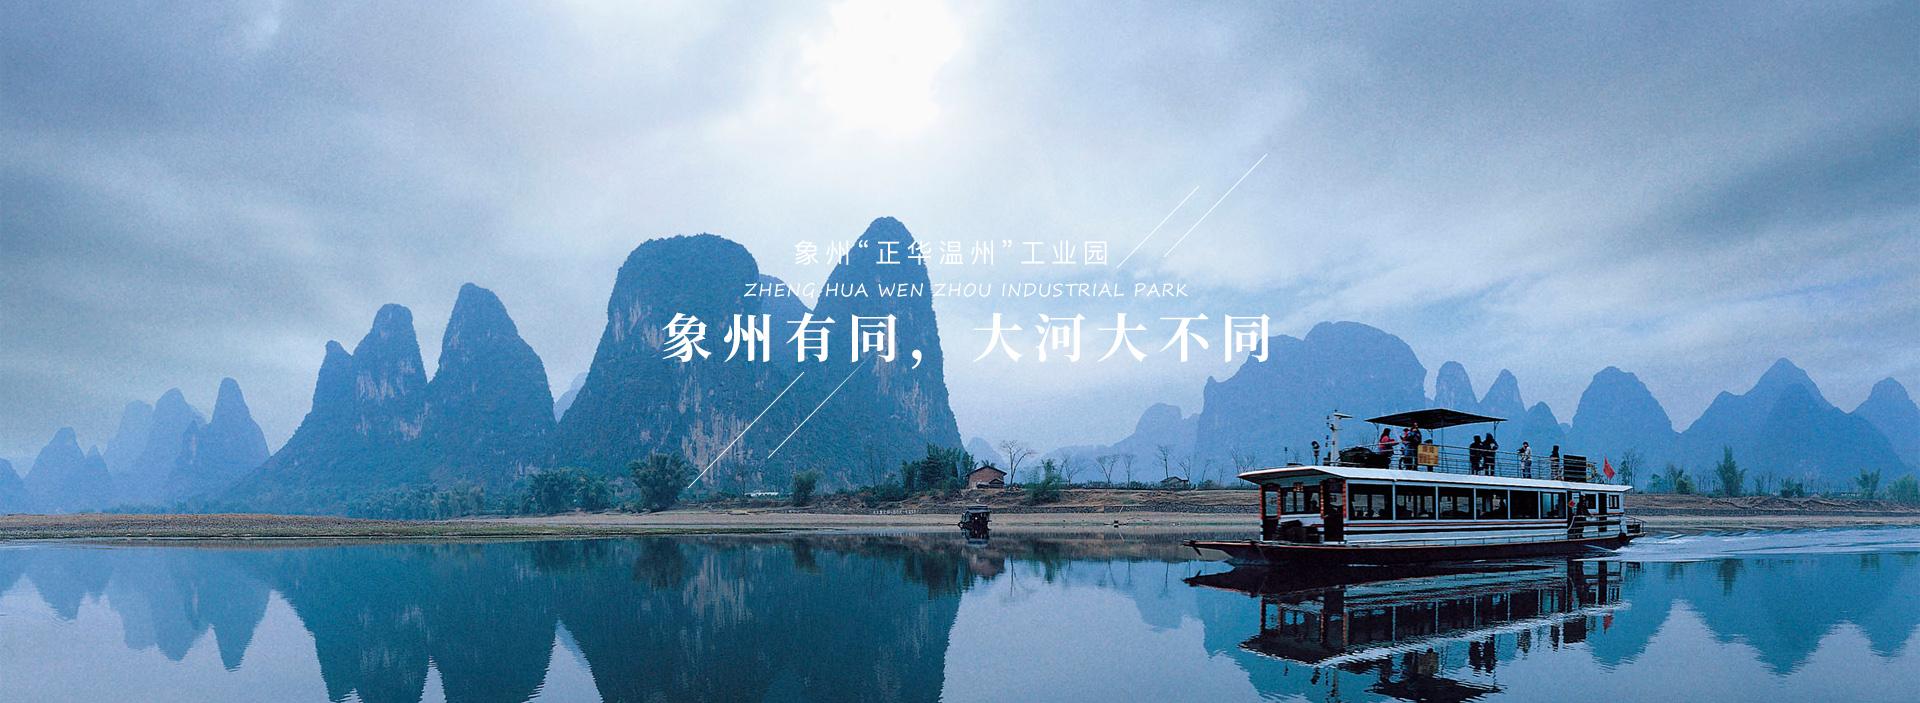 柳州工业园厂房出租